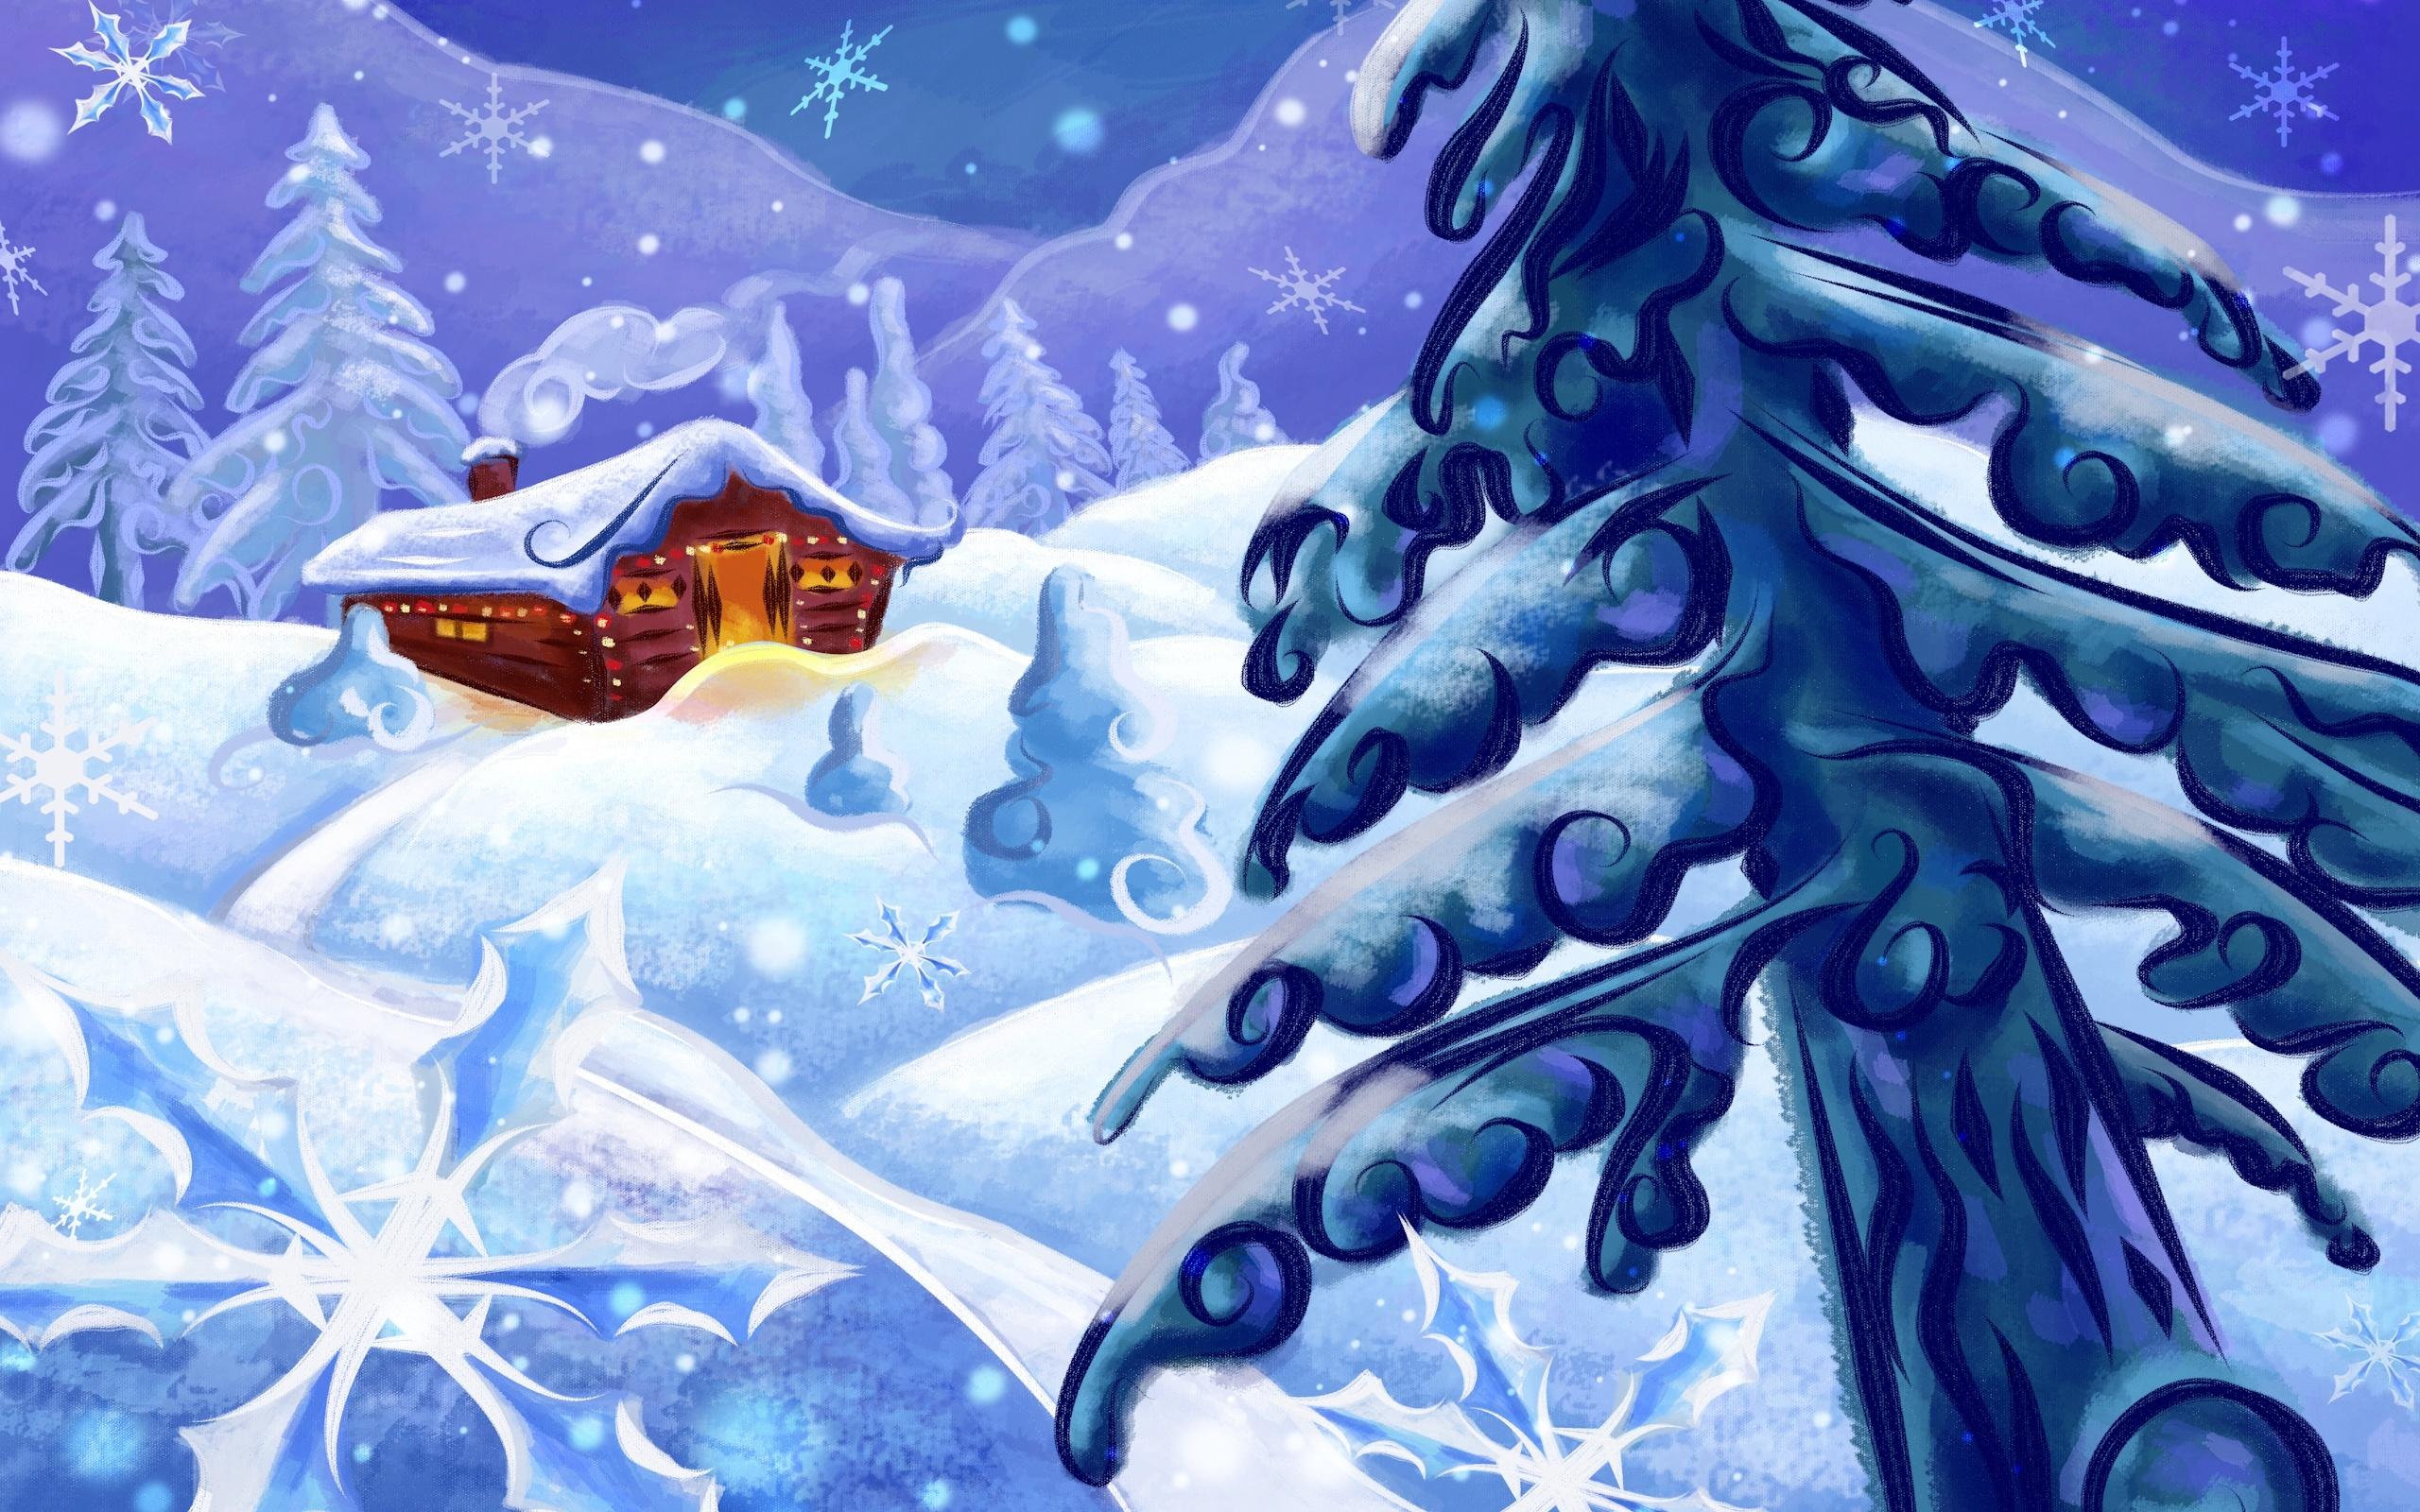 14059 descargar fondo de pantalla Paisaje, Invierno, Árboles, Año Nuevo, Abetos, Navidad, Imágenes: protectores de pantalla e imágenes gratis